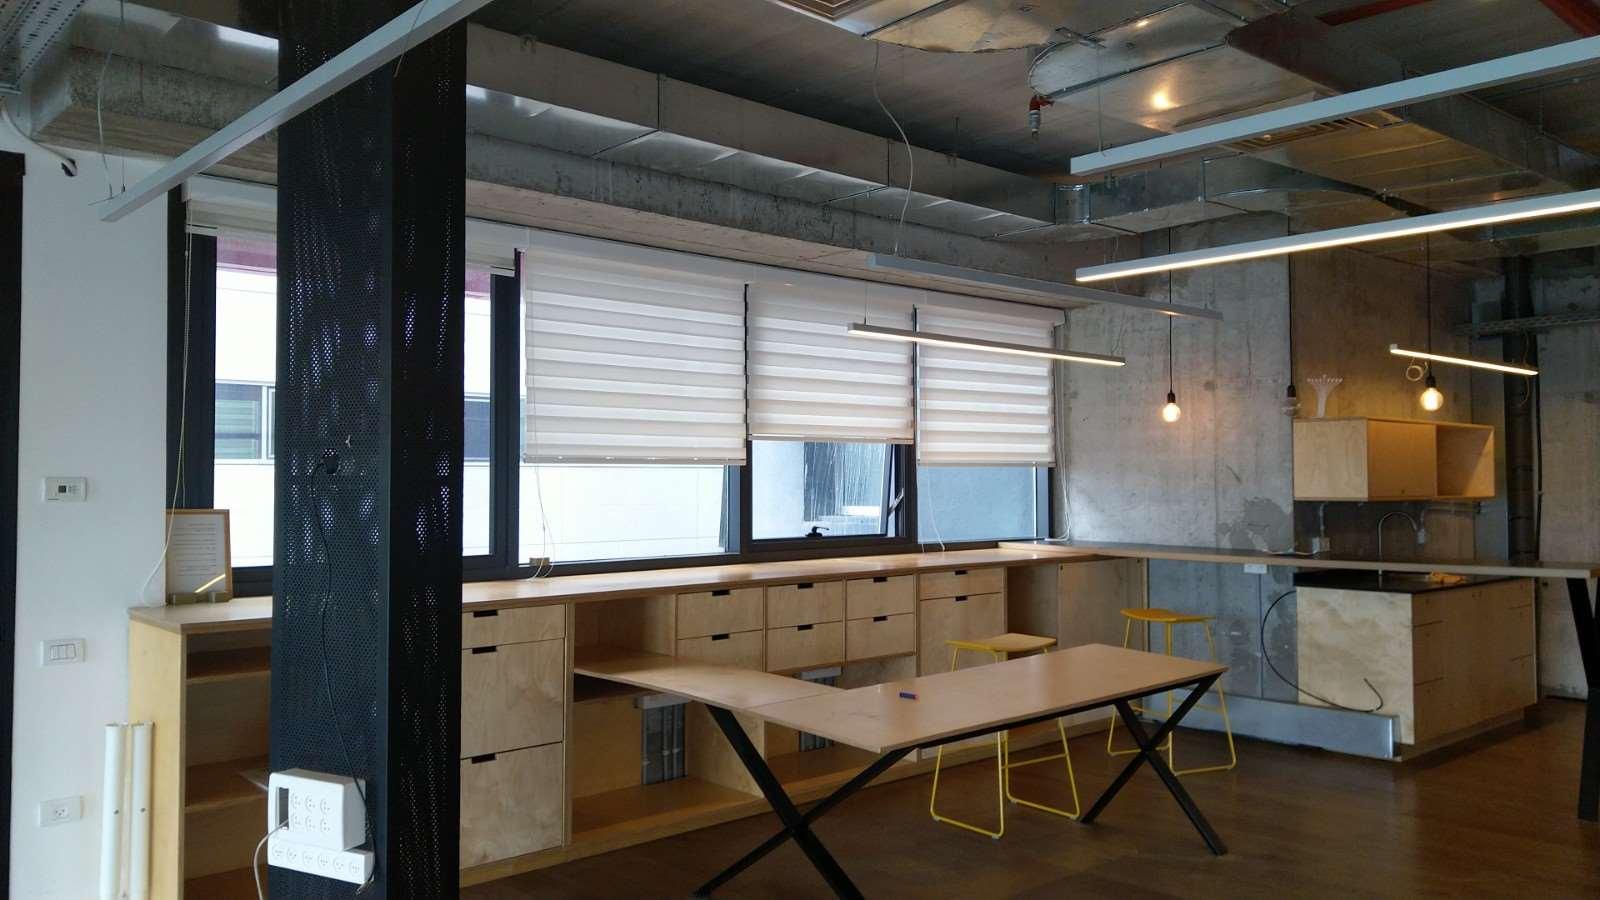 תמונה 3 ,משרדים להשכרה להשכרה משרד 175 מר רחוב הברזל  רמת החייל תל אביב יפו